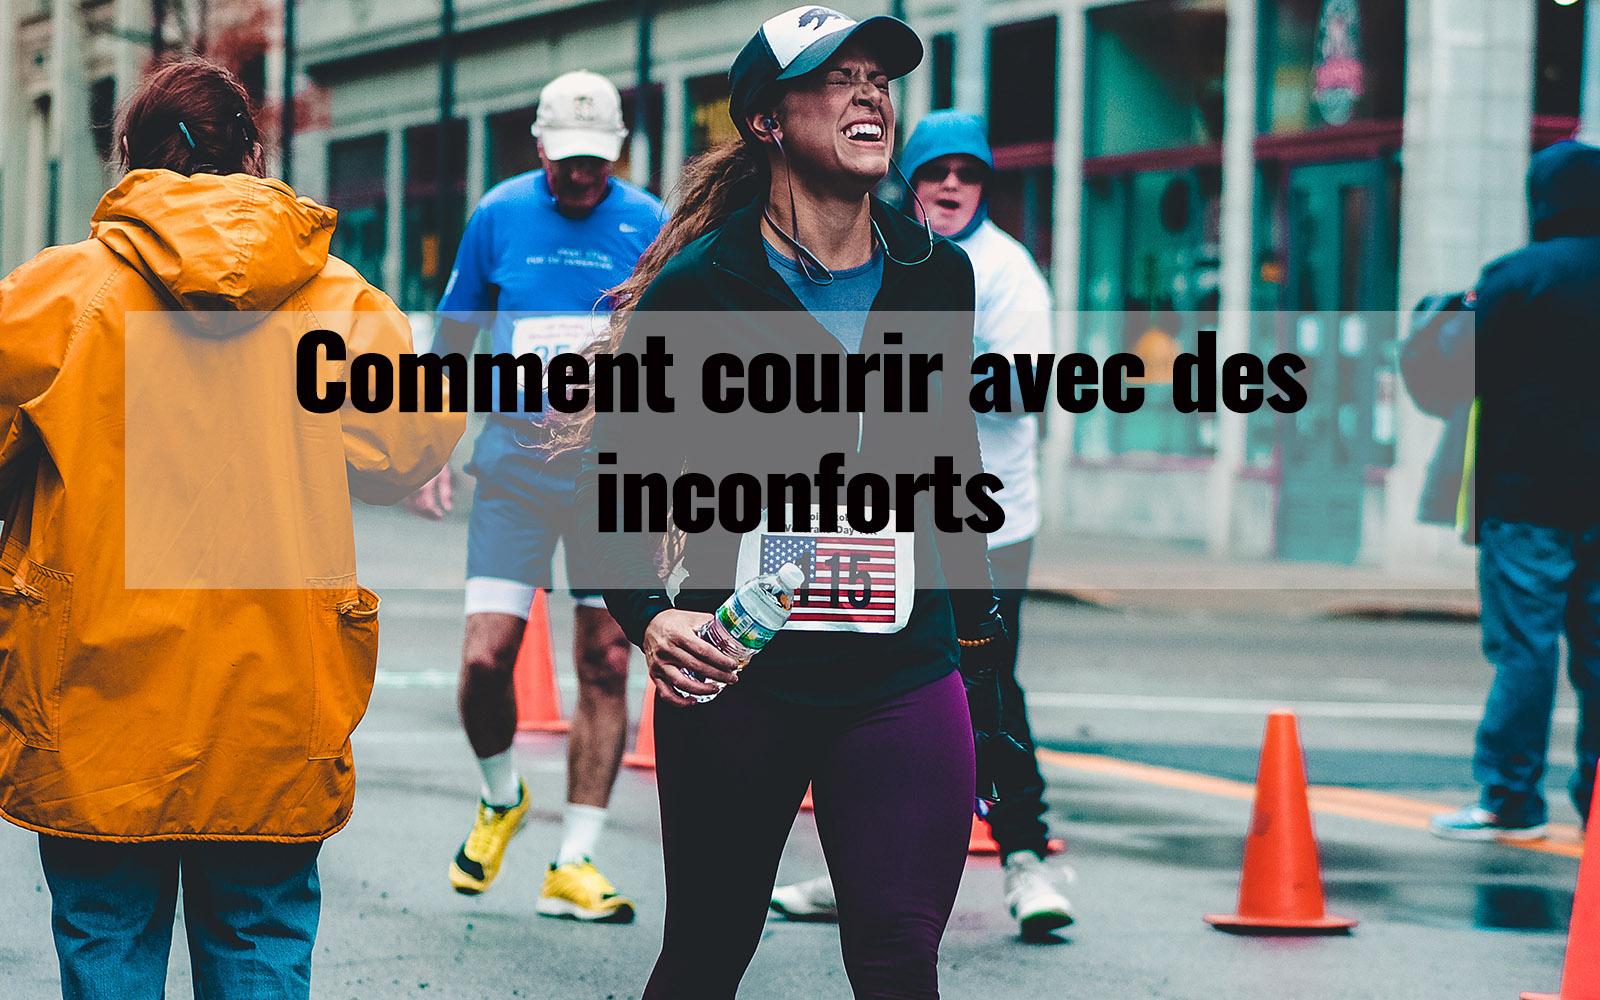 Comment courir avec des inconforts